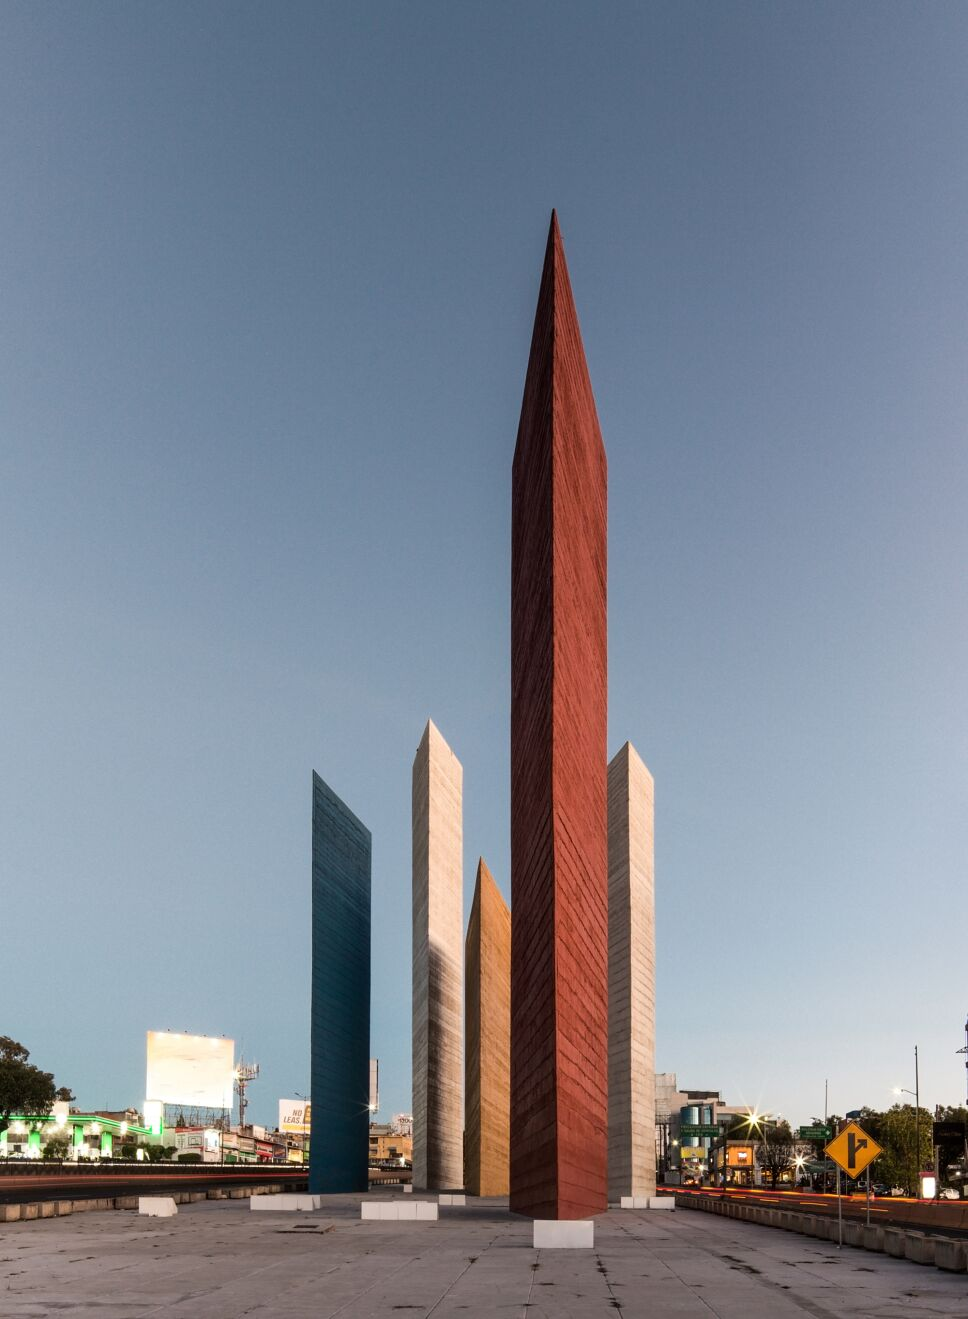 torres_de_satélite barragan